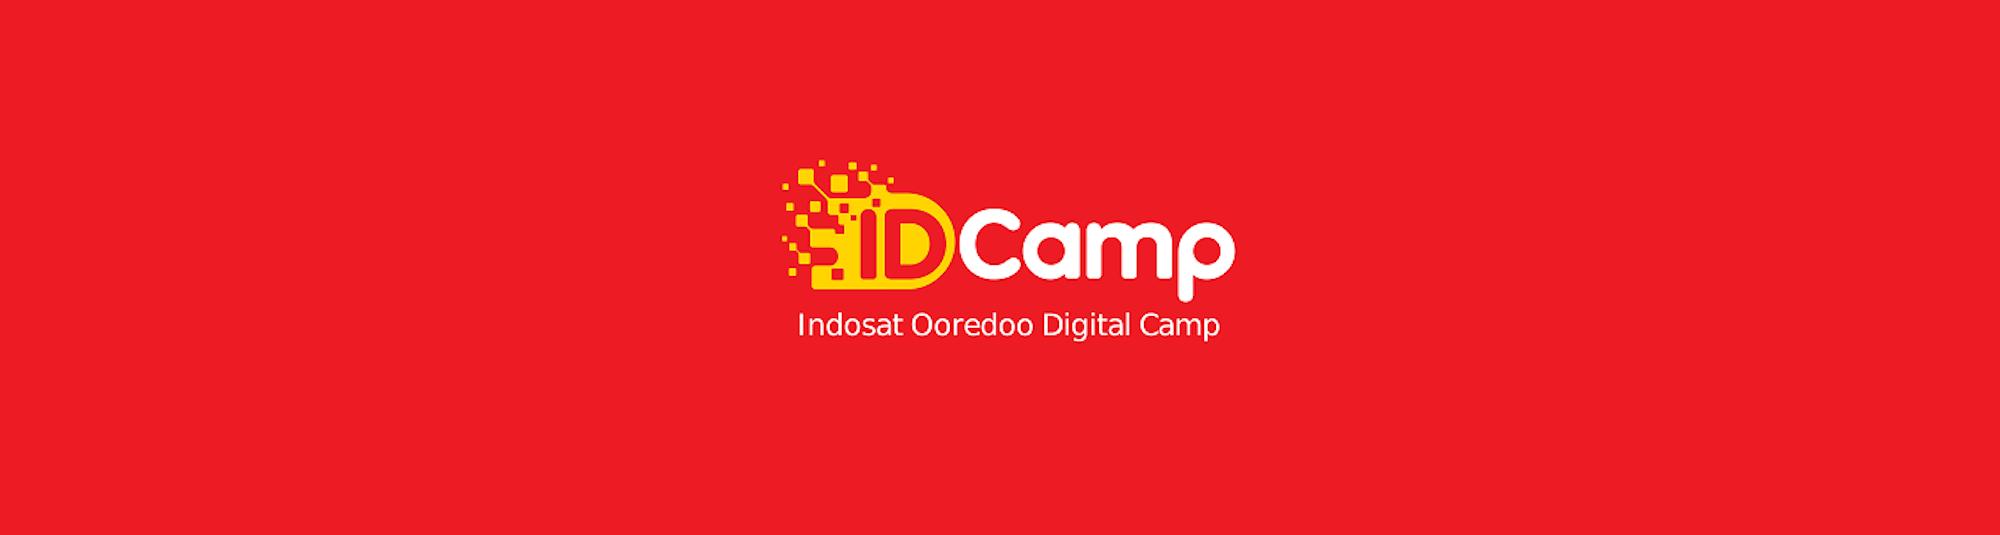 IDCamp Android Developer Challenge : Aplikasi Liburan Akhir Tahun